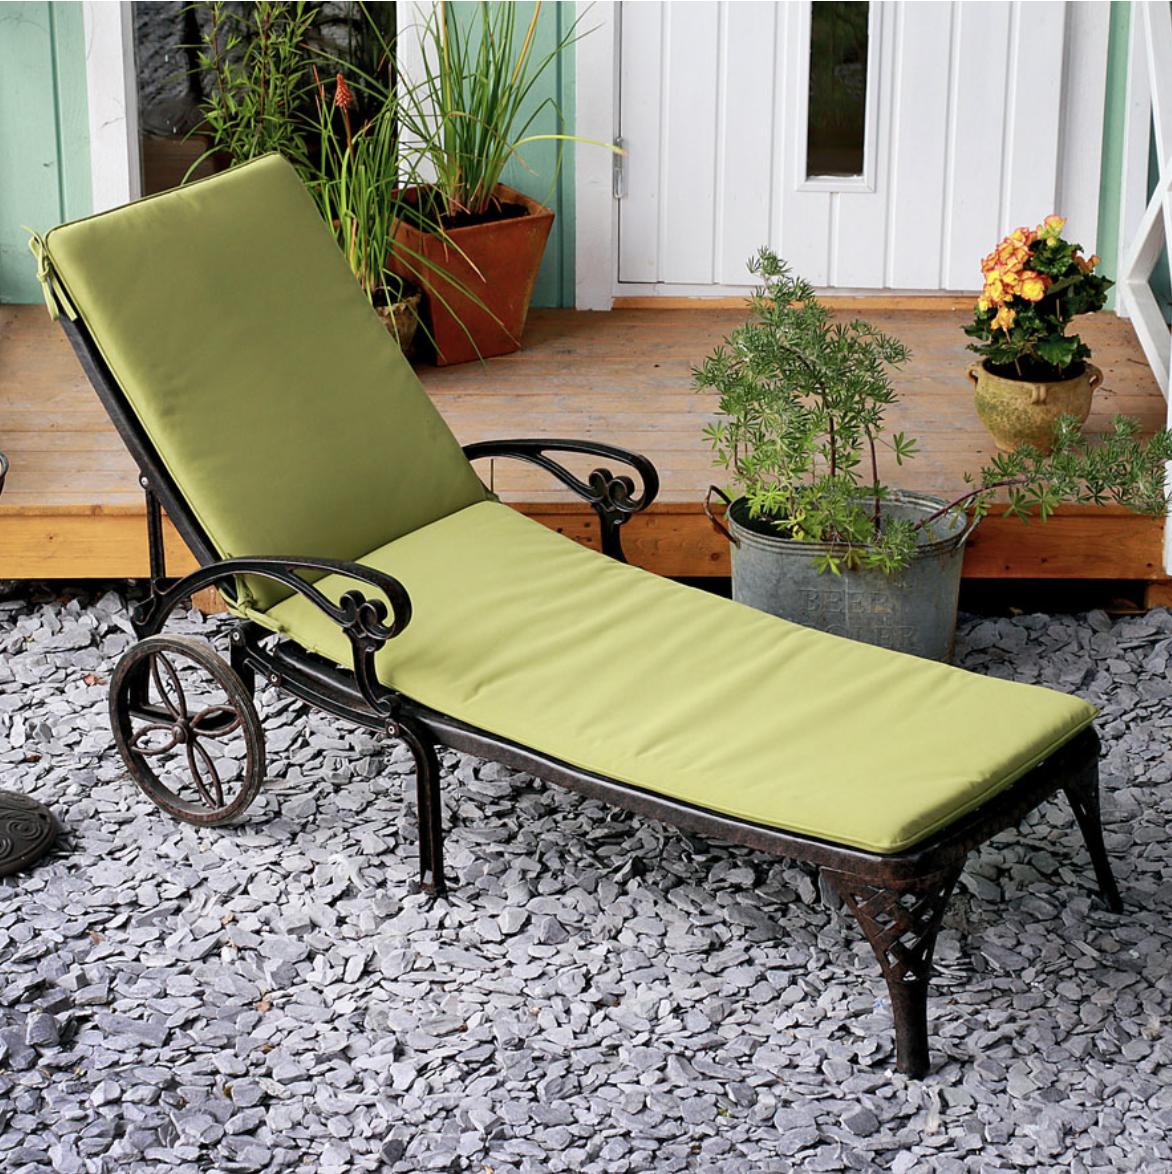 Lattice Lounger Cushion in Green